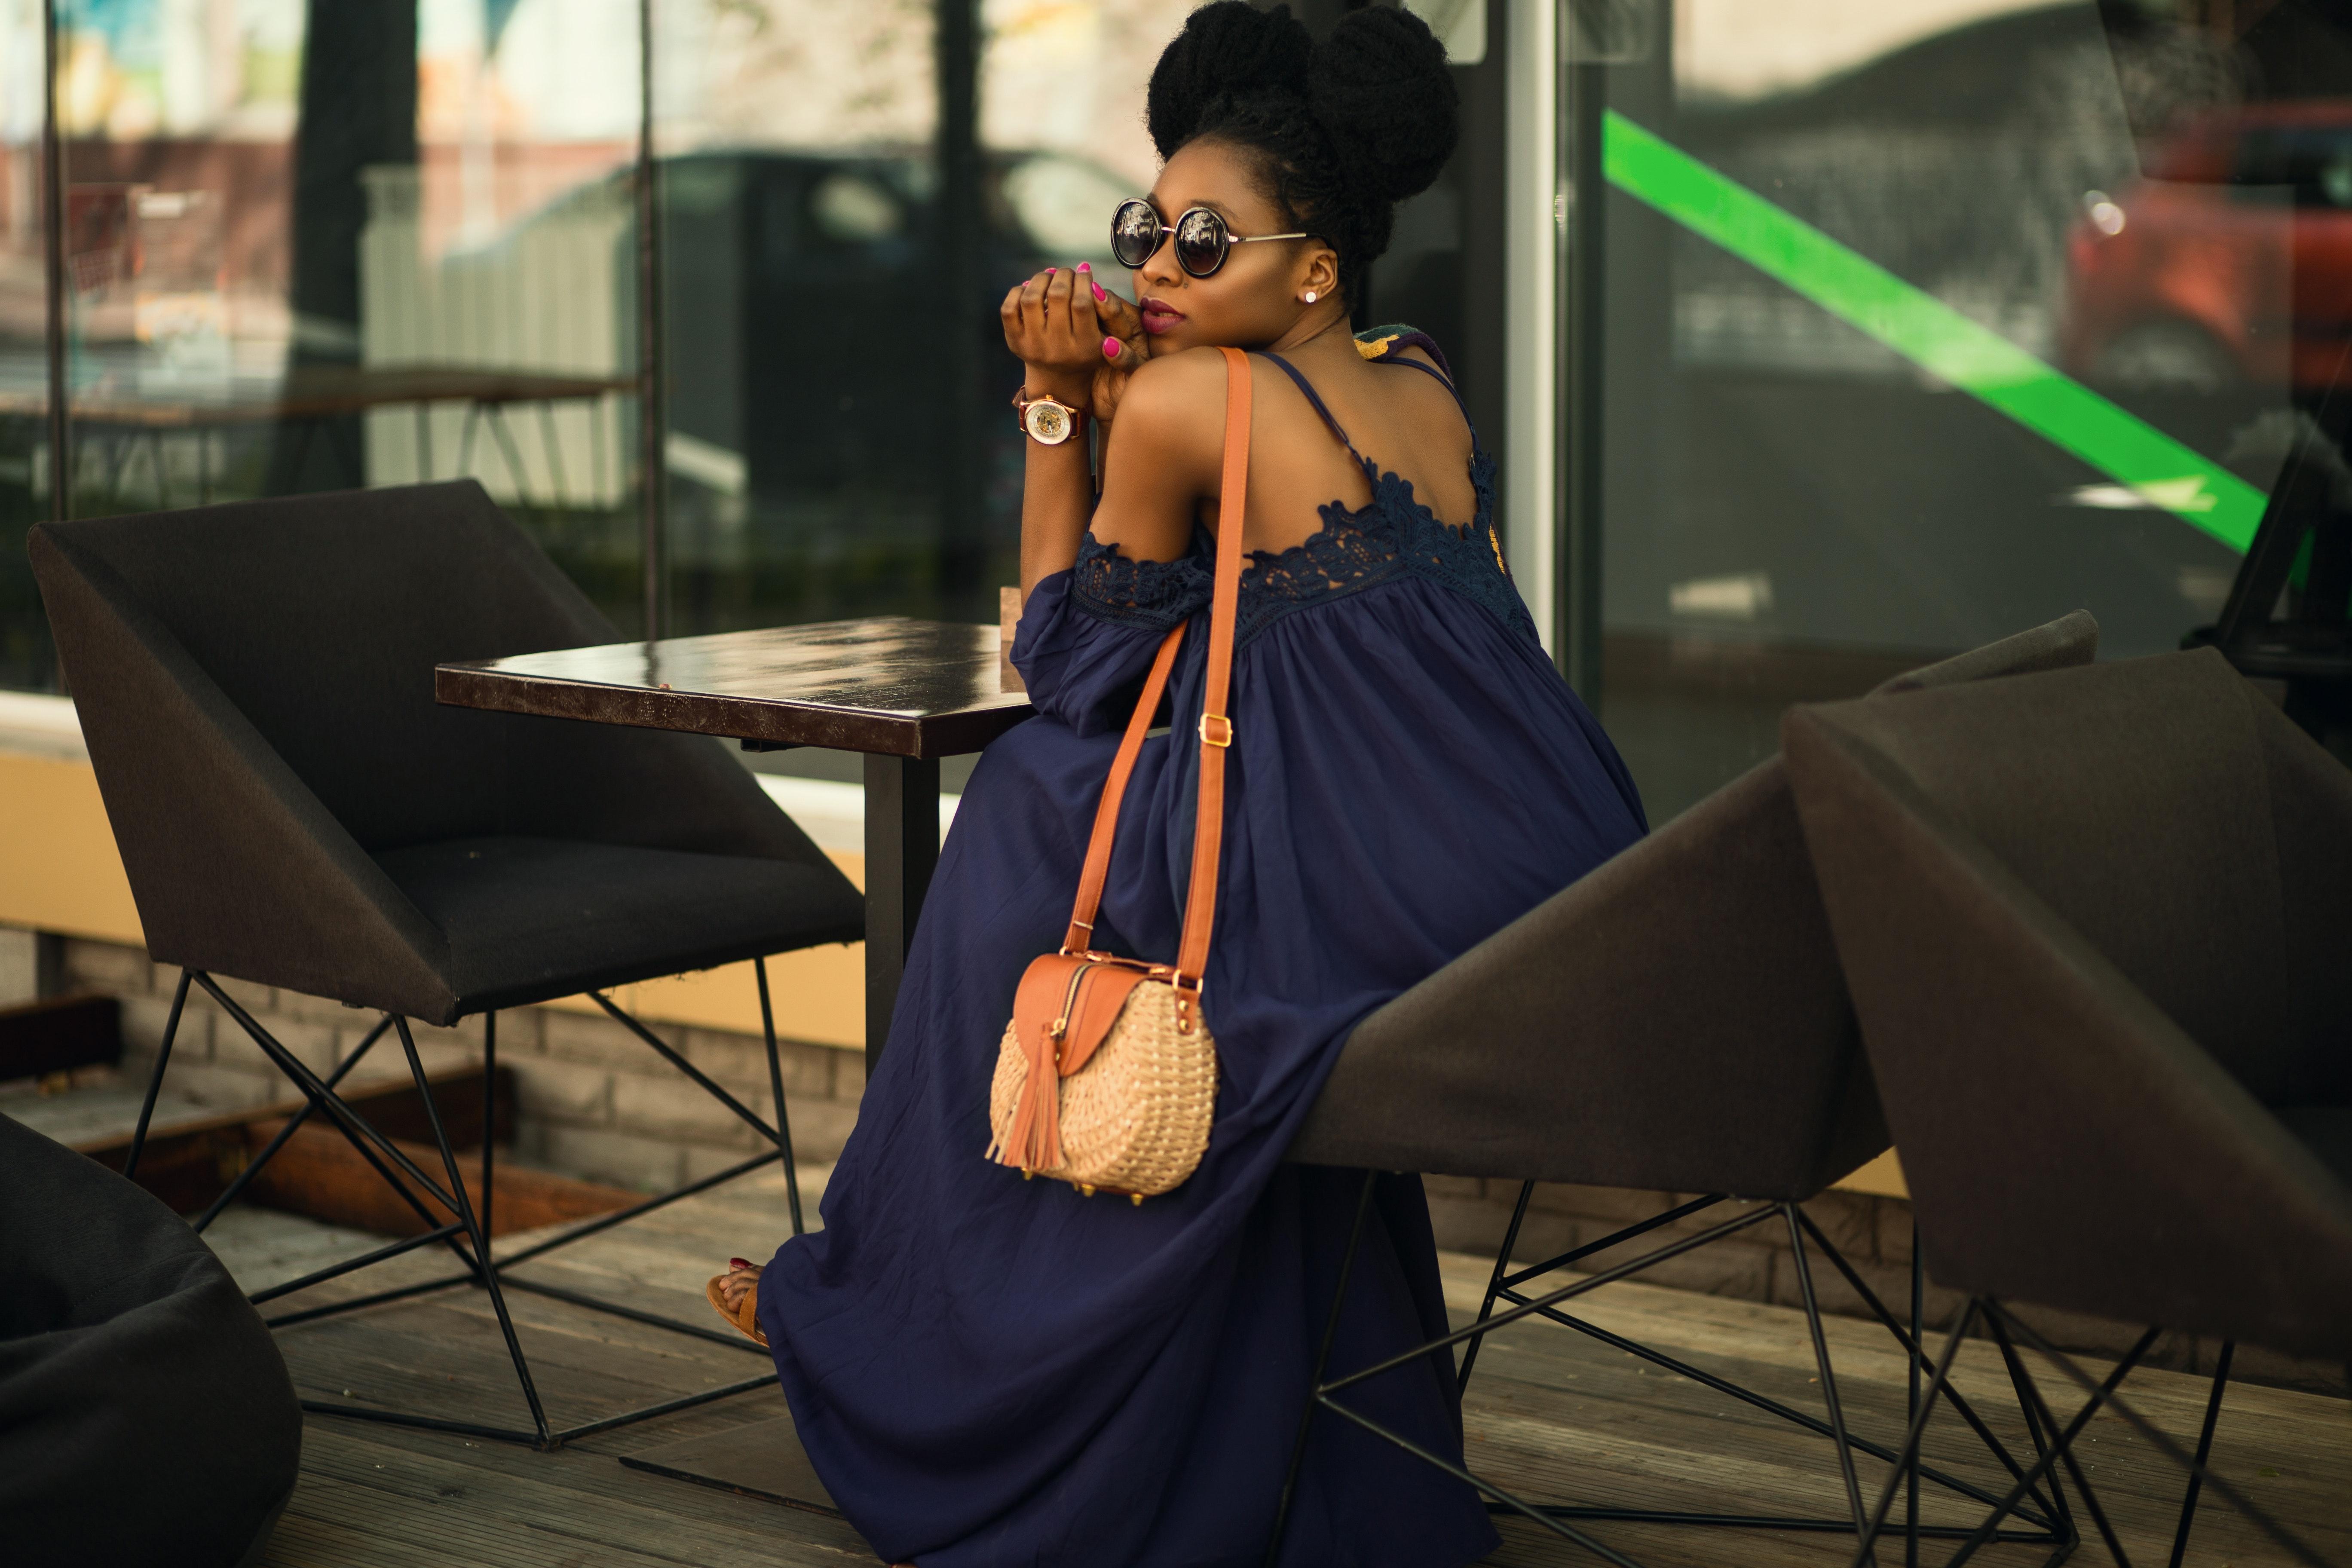 Woman wearing blue spaghetti strap dress photo